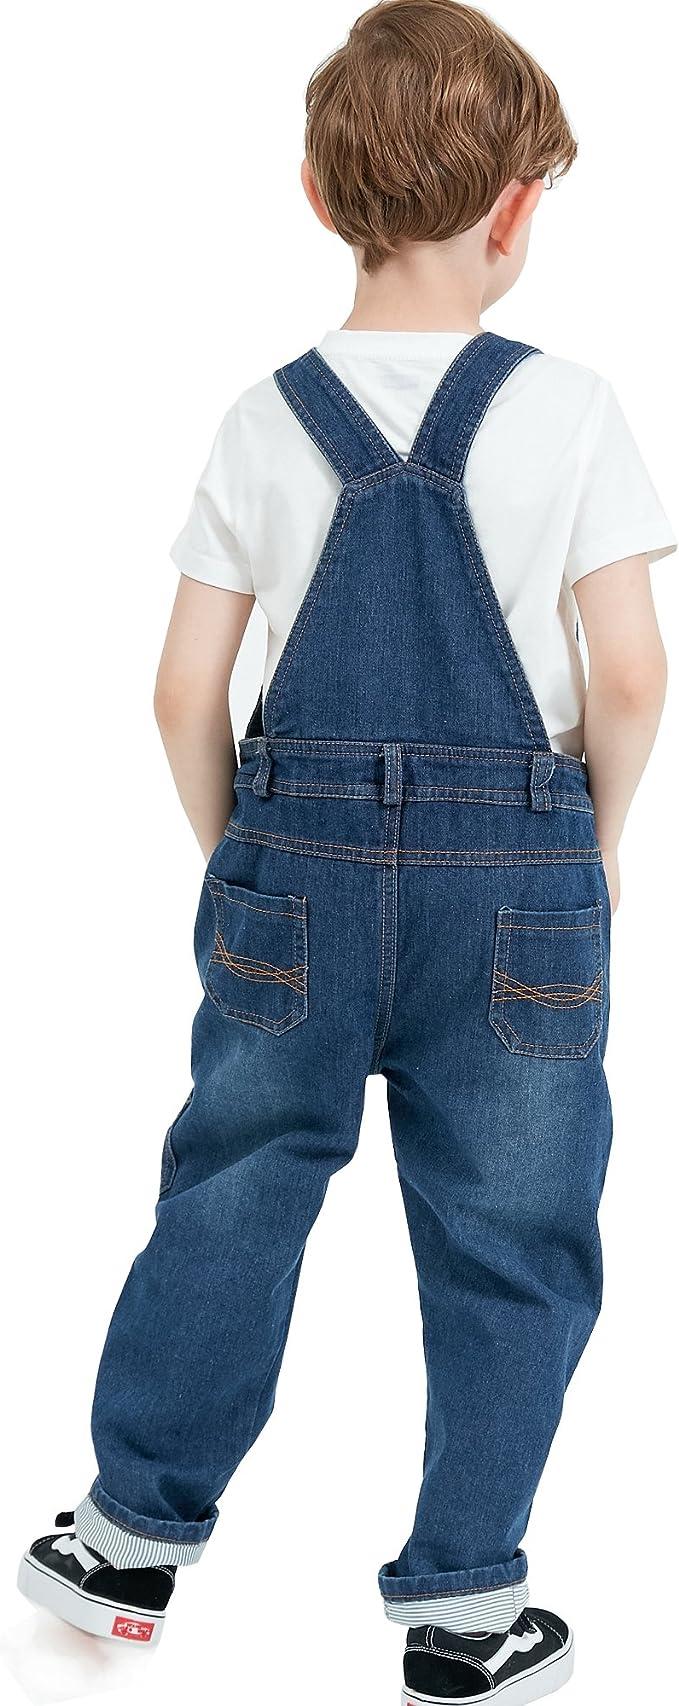 Grandwish Boys Blue Thin Denim Bib Overalls 3T-10